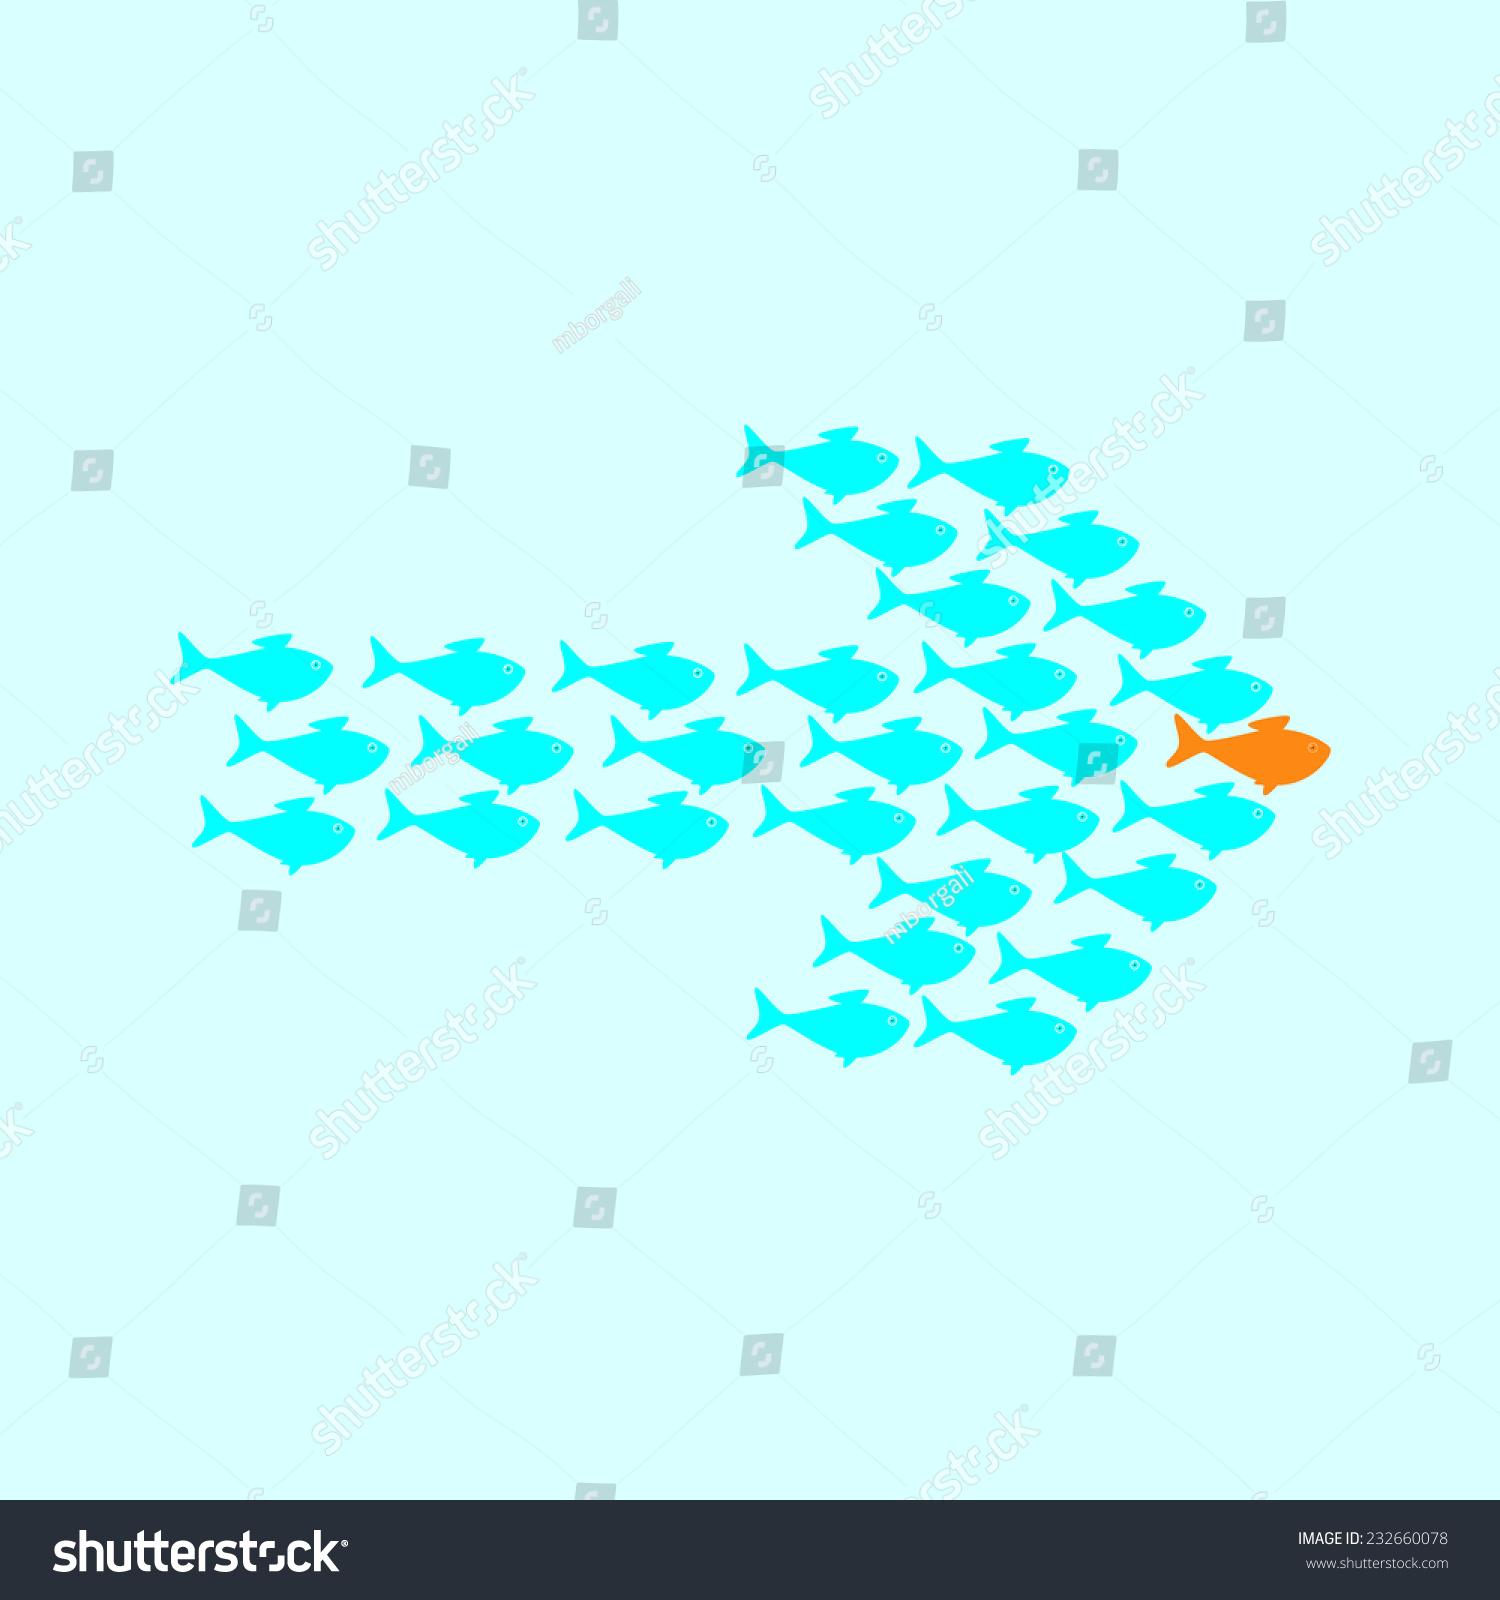 学校可爱的青瓷鱼游泳在箭头的形状背后的金鱼的领袖.